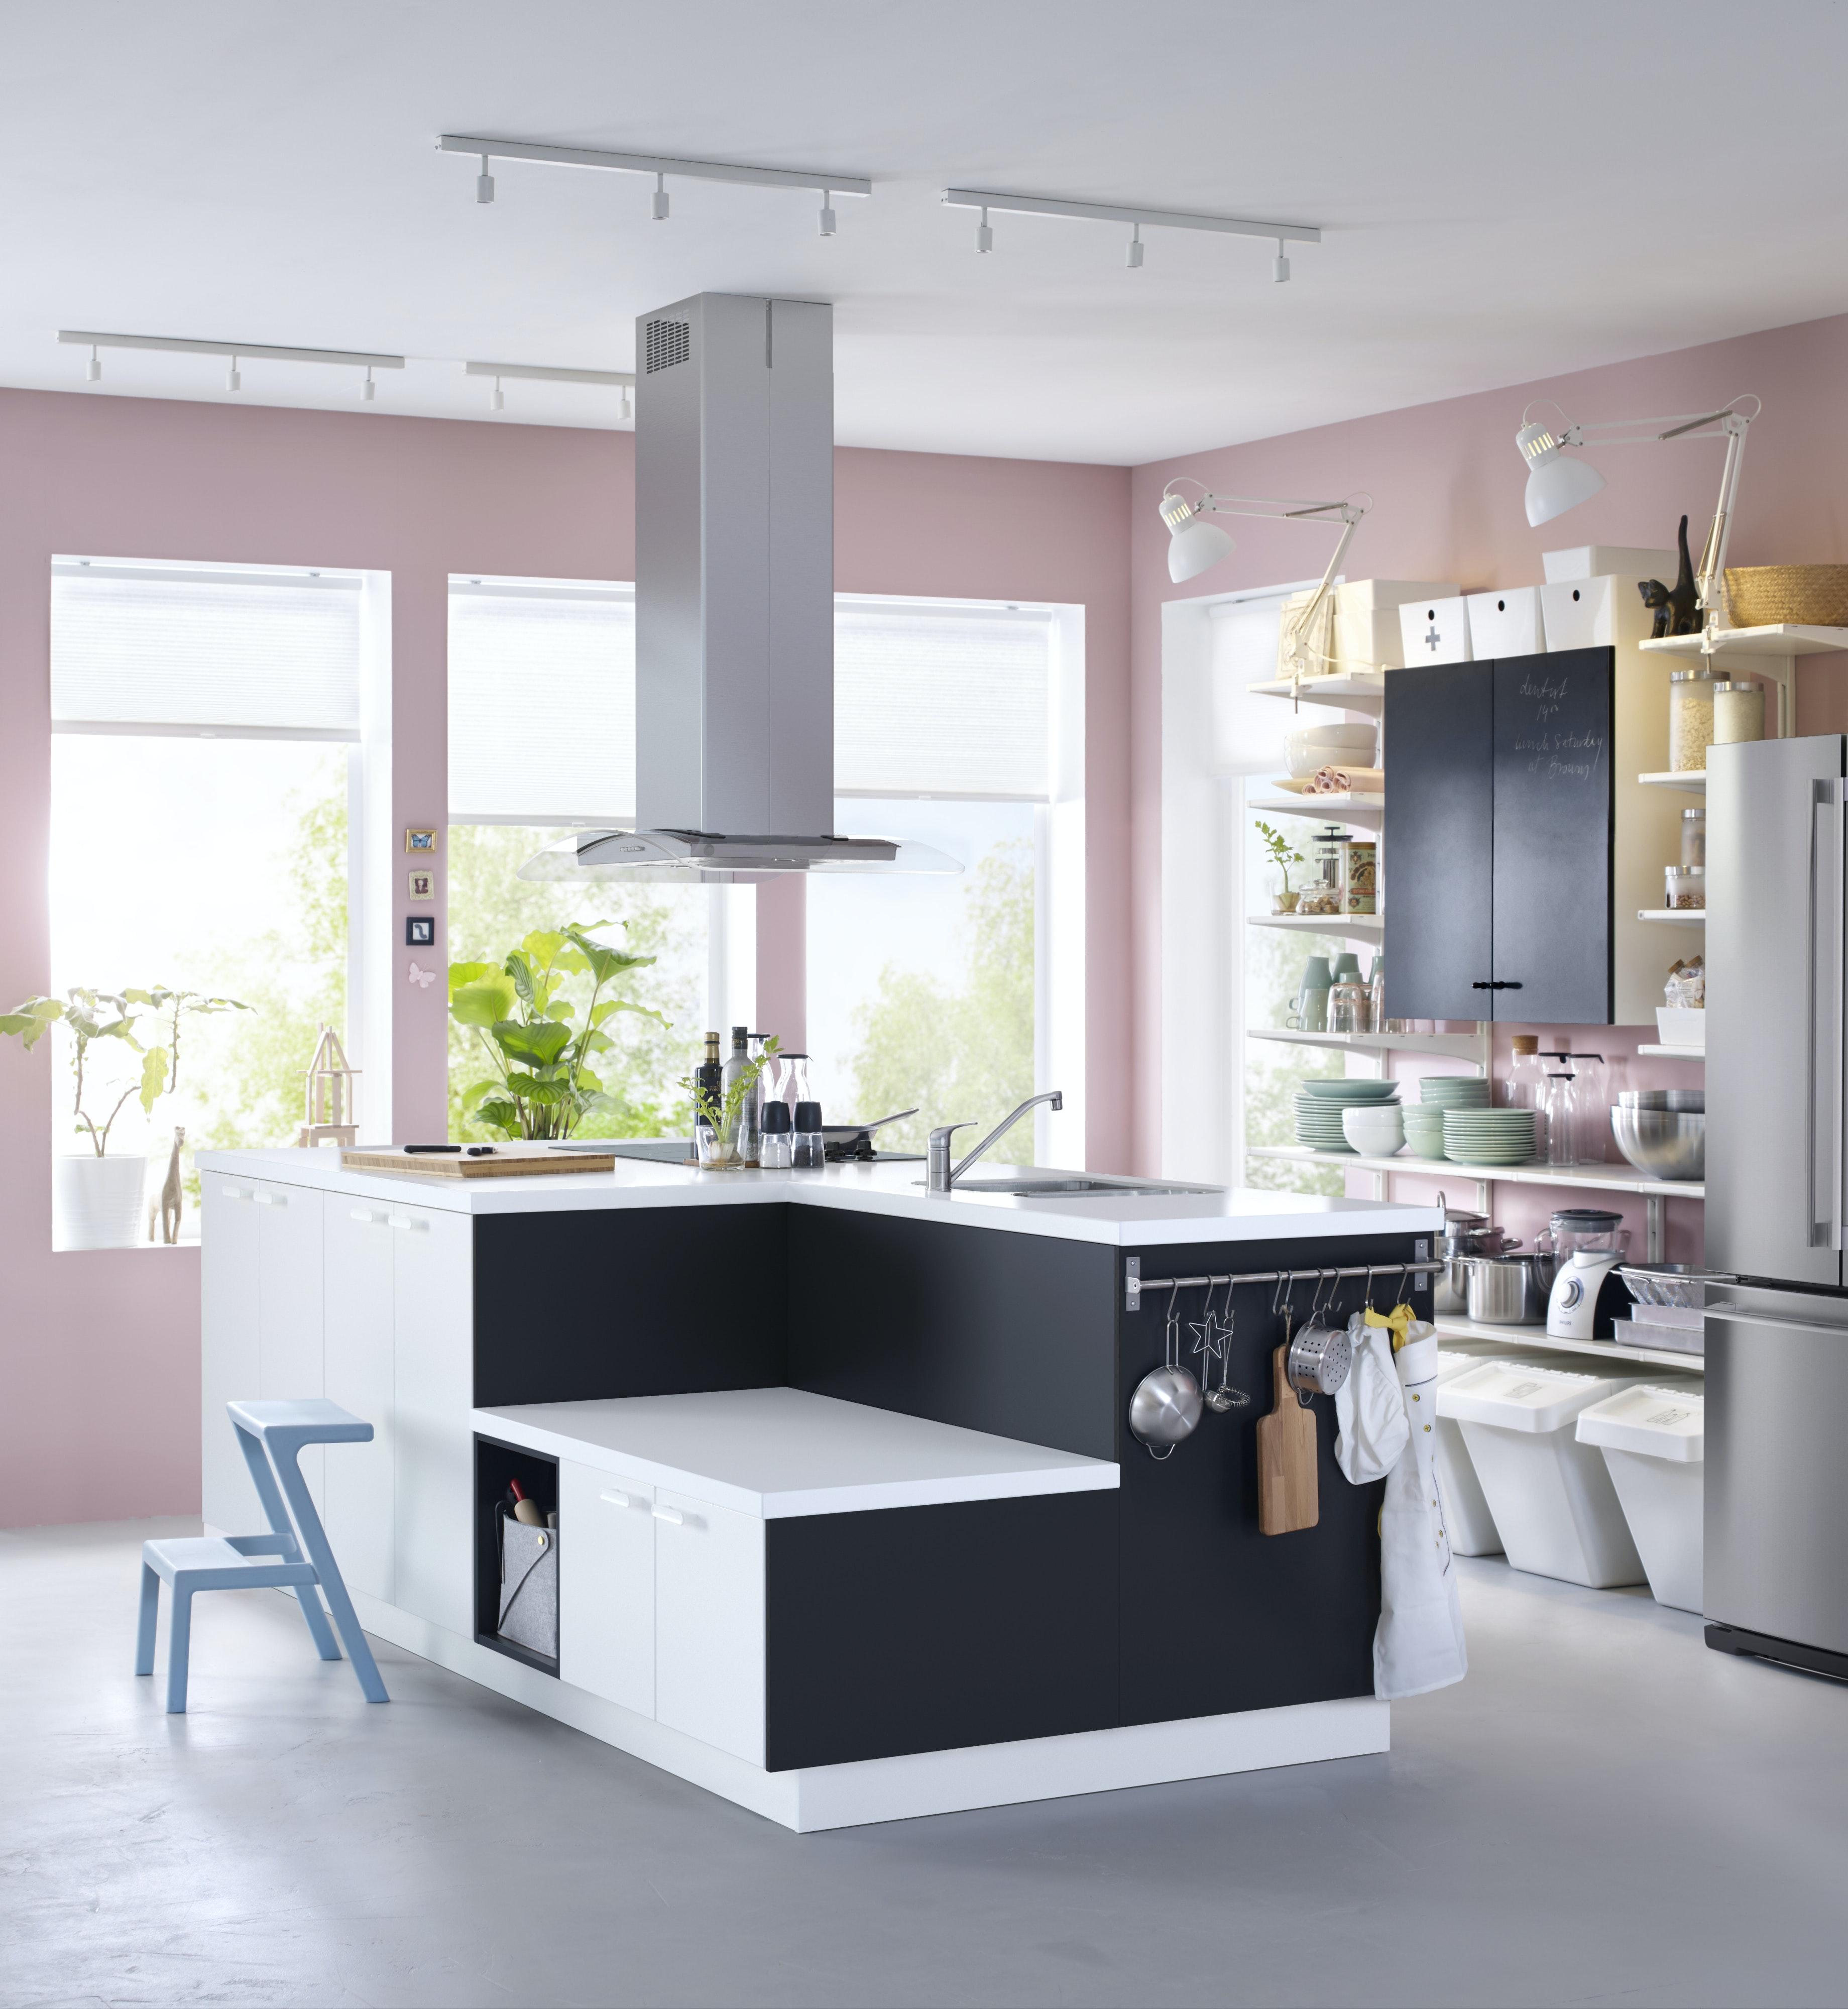 kjøkken ikea grå